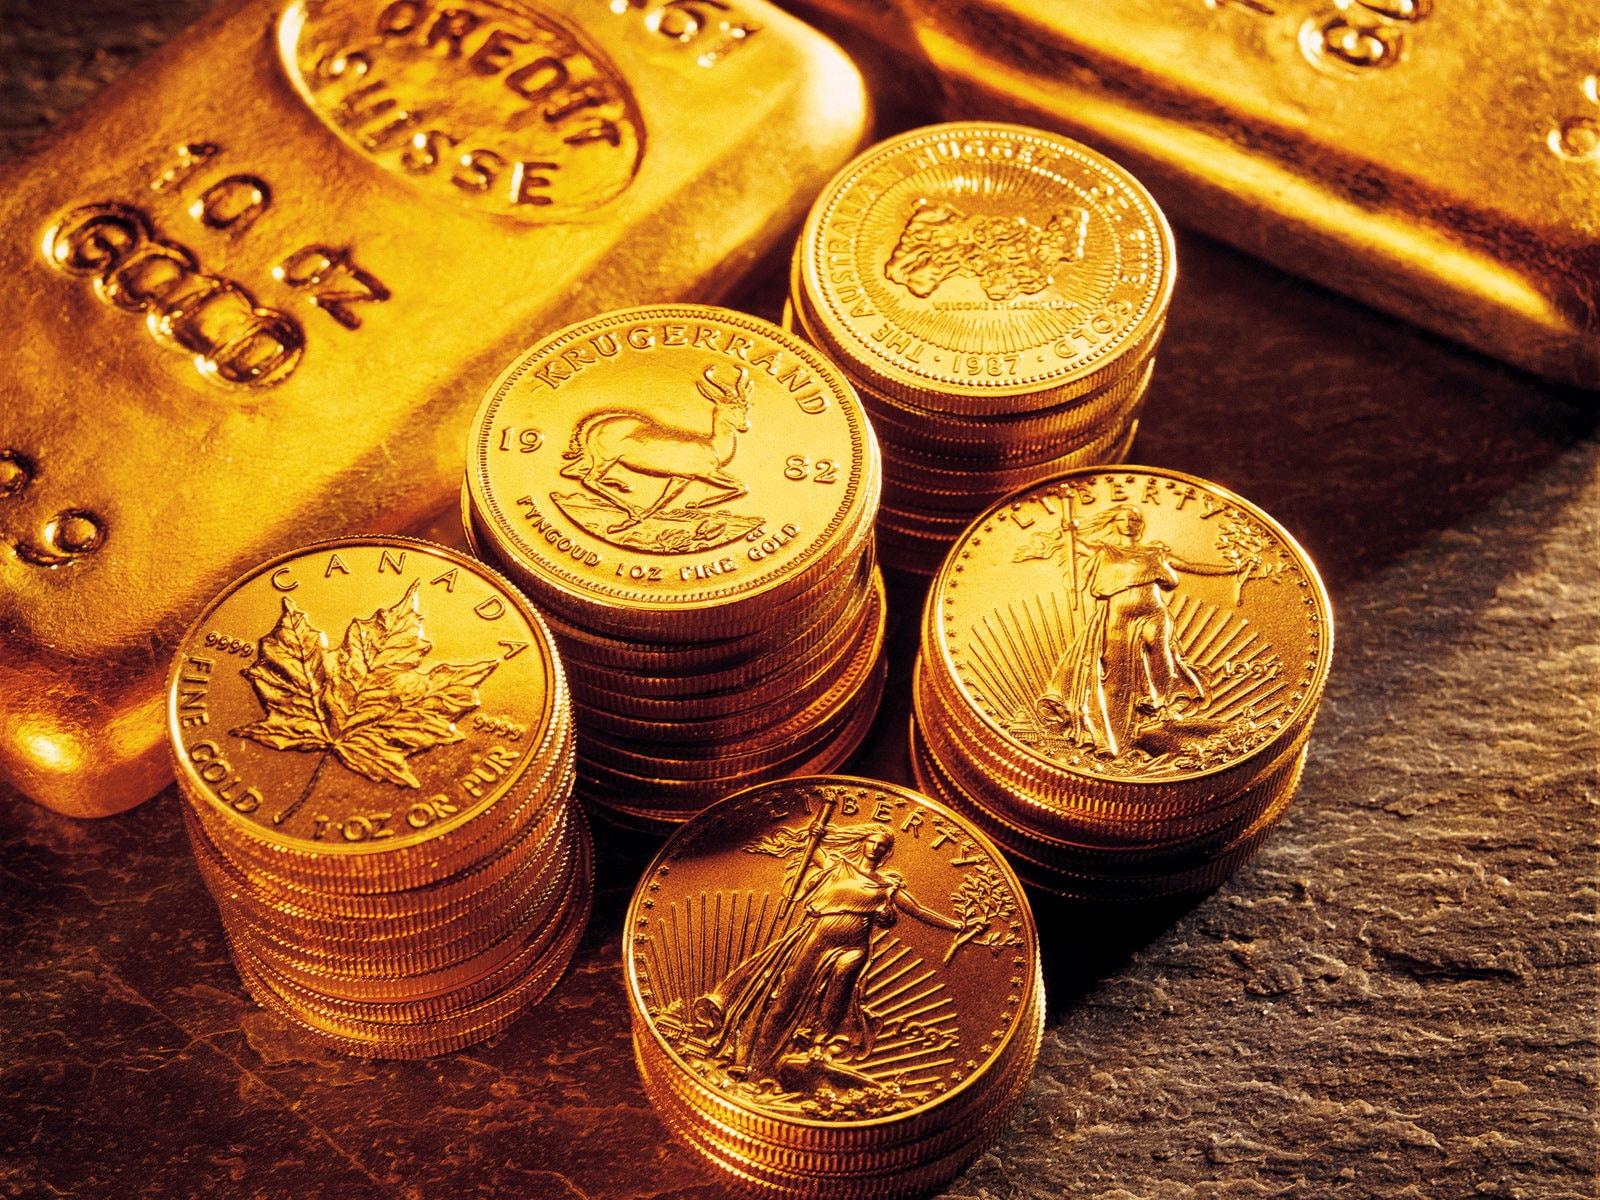 Paul Tudor Jones: la FED va baisser les taux, l'or est le meilleur pari